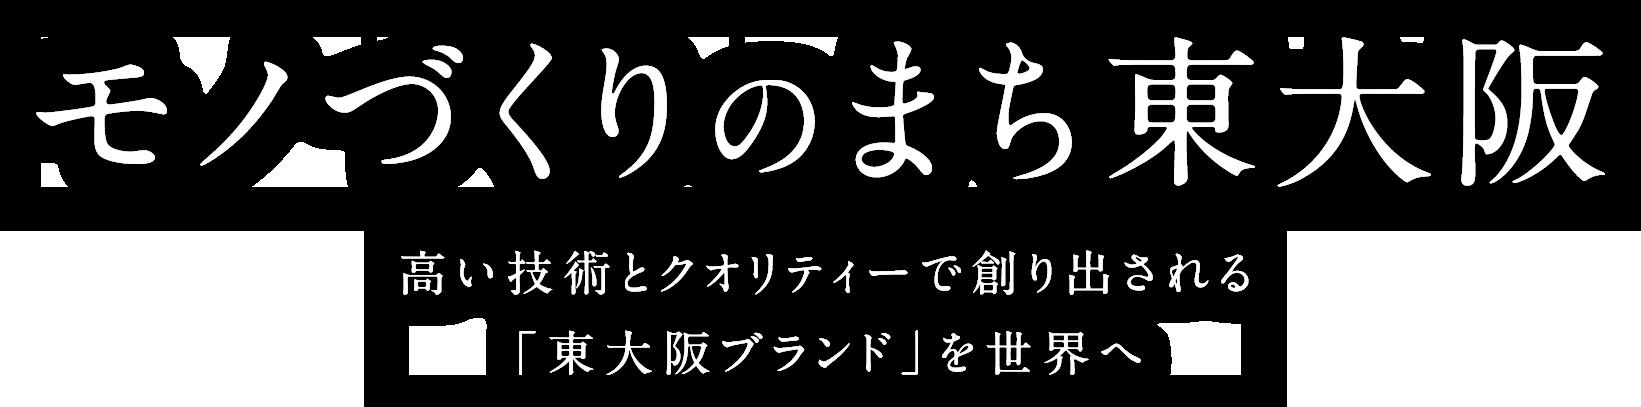 モノづくりのまち東大阪